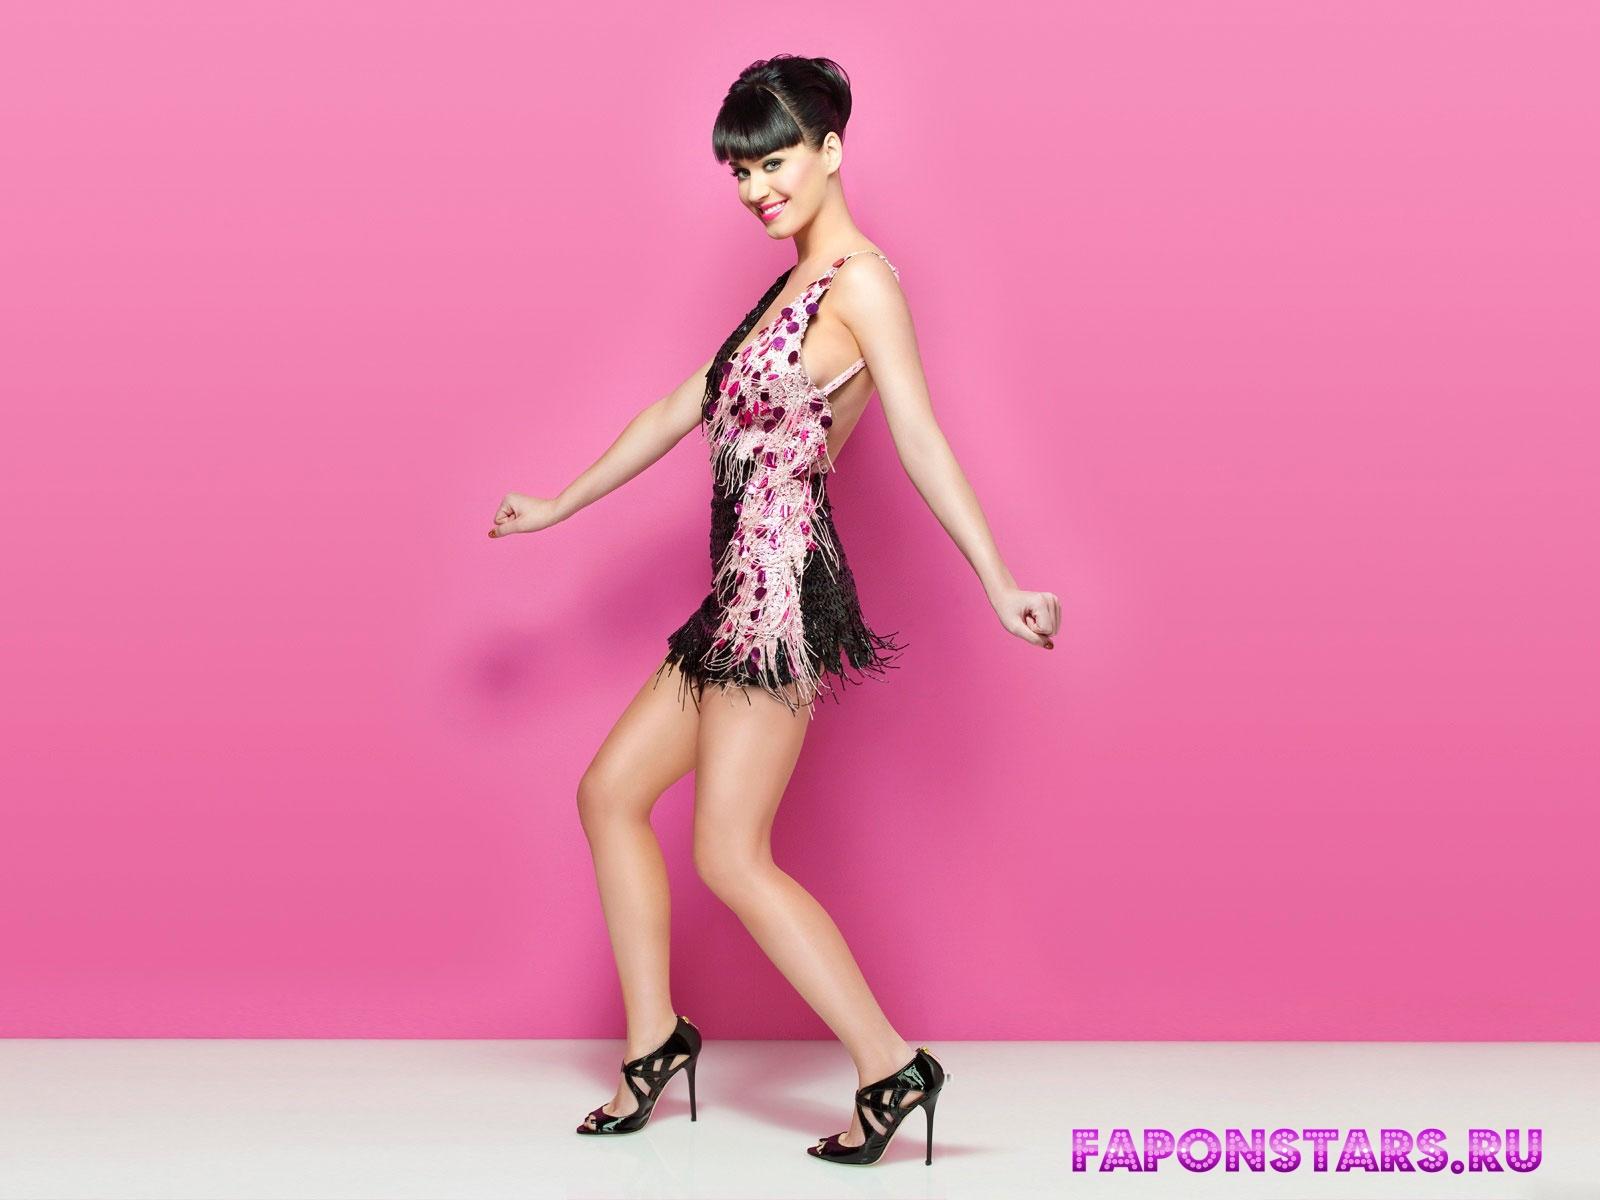 Katy Perry / Кэти Перри украденное фото